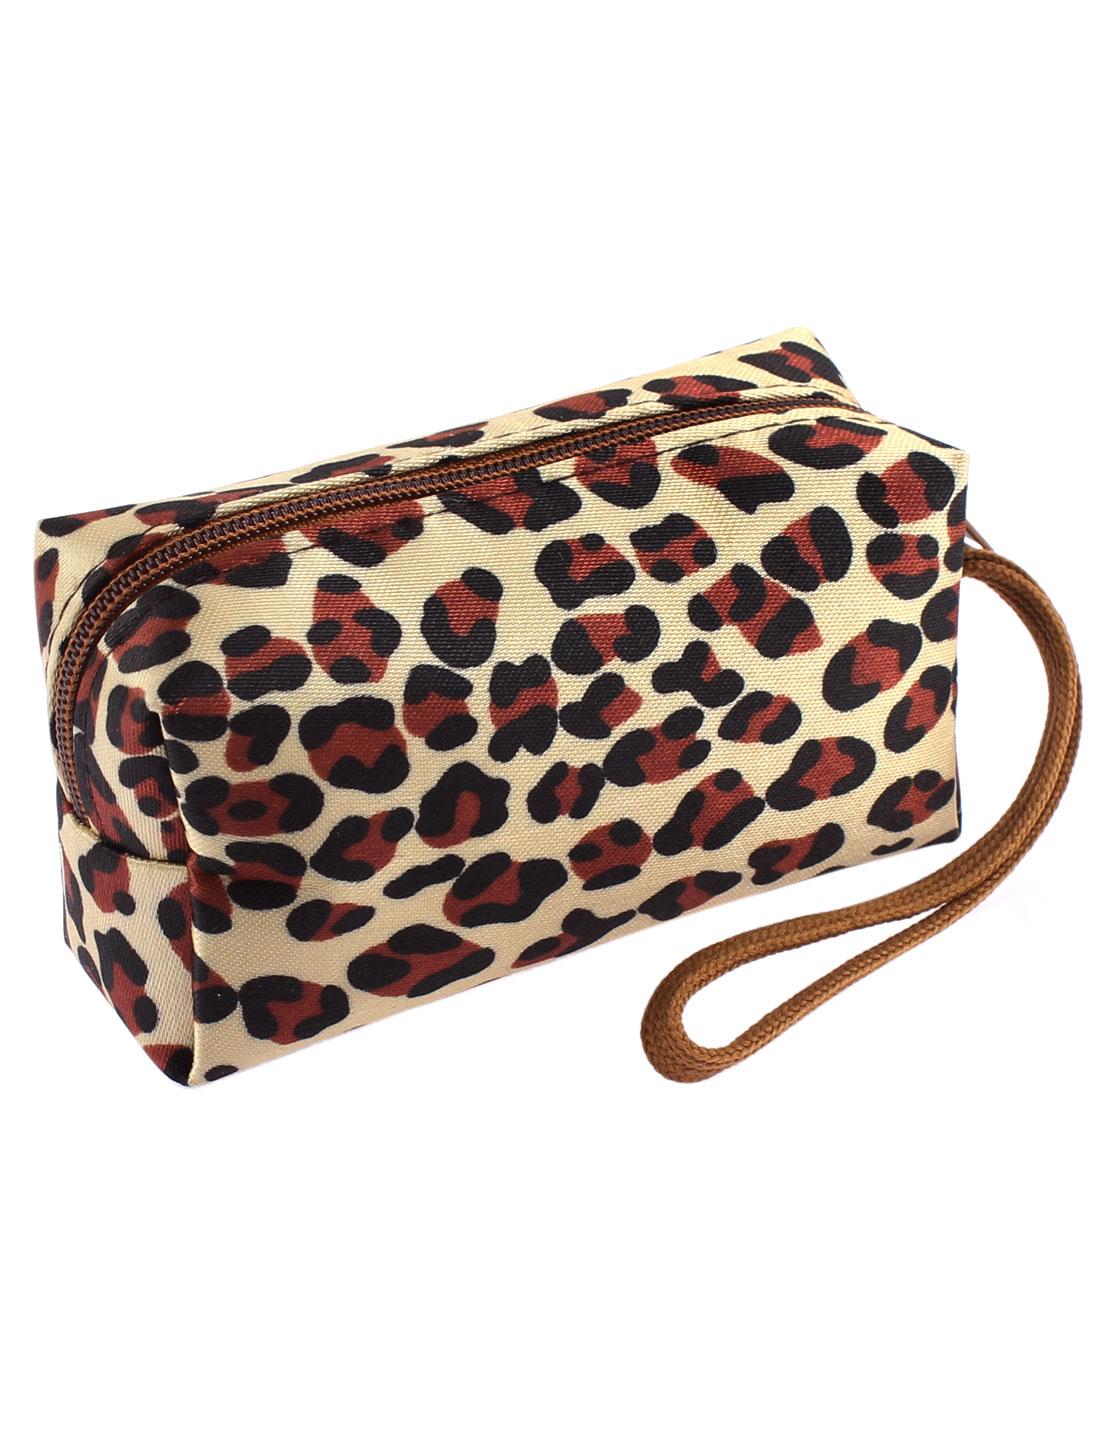 Ladies Zipper Closure Leopard Prints Faux Leather Cash Coin Key Credit Card Purse Wallet Ecru